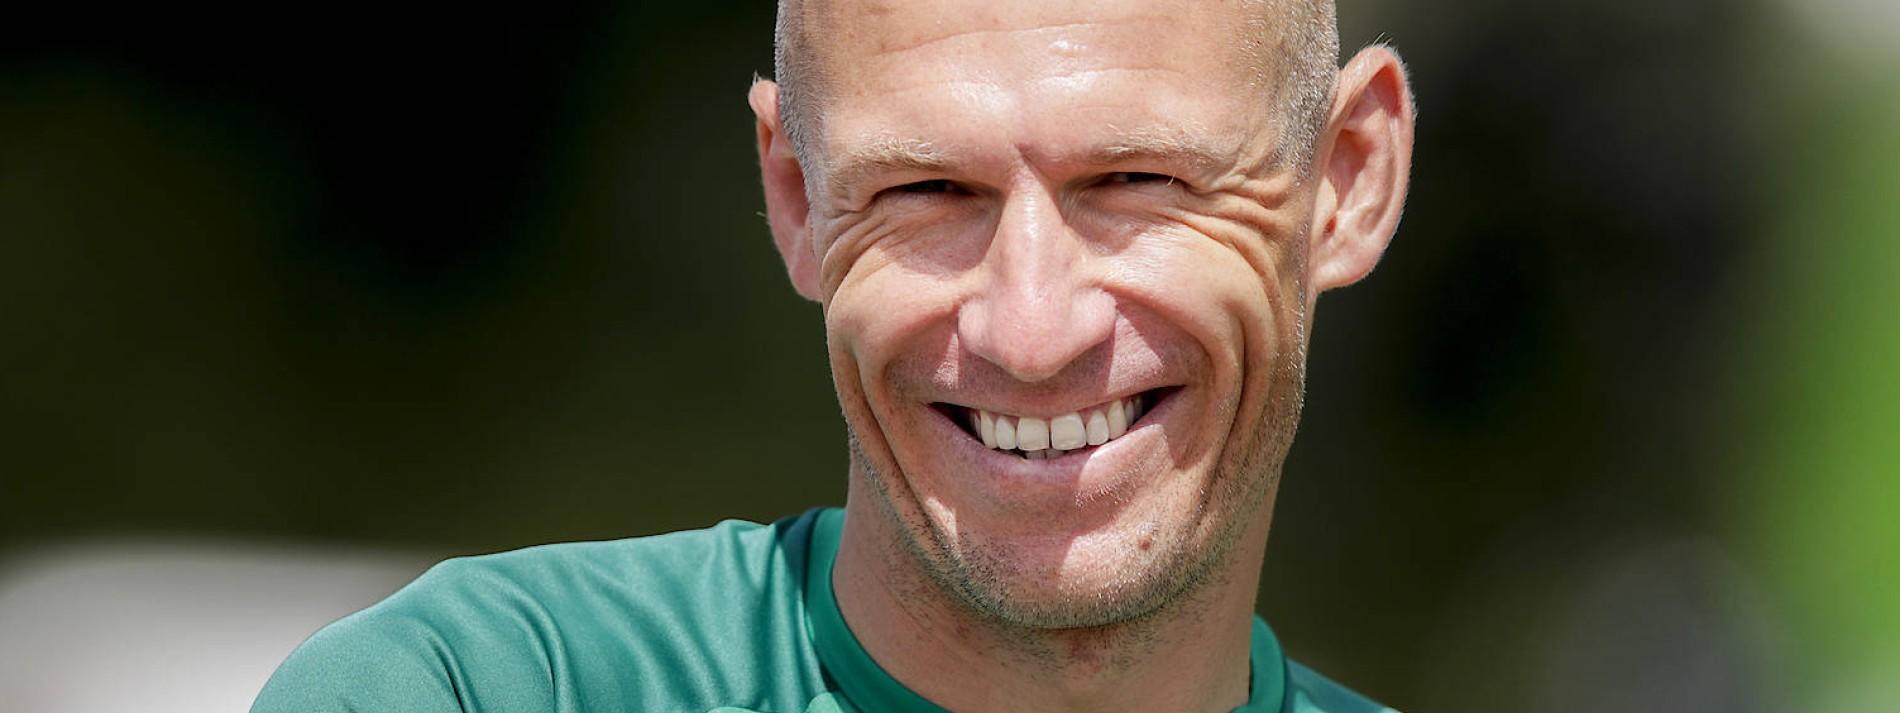 """Arjen Robben, die Liebe und der """"ultimative Traum"""""""